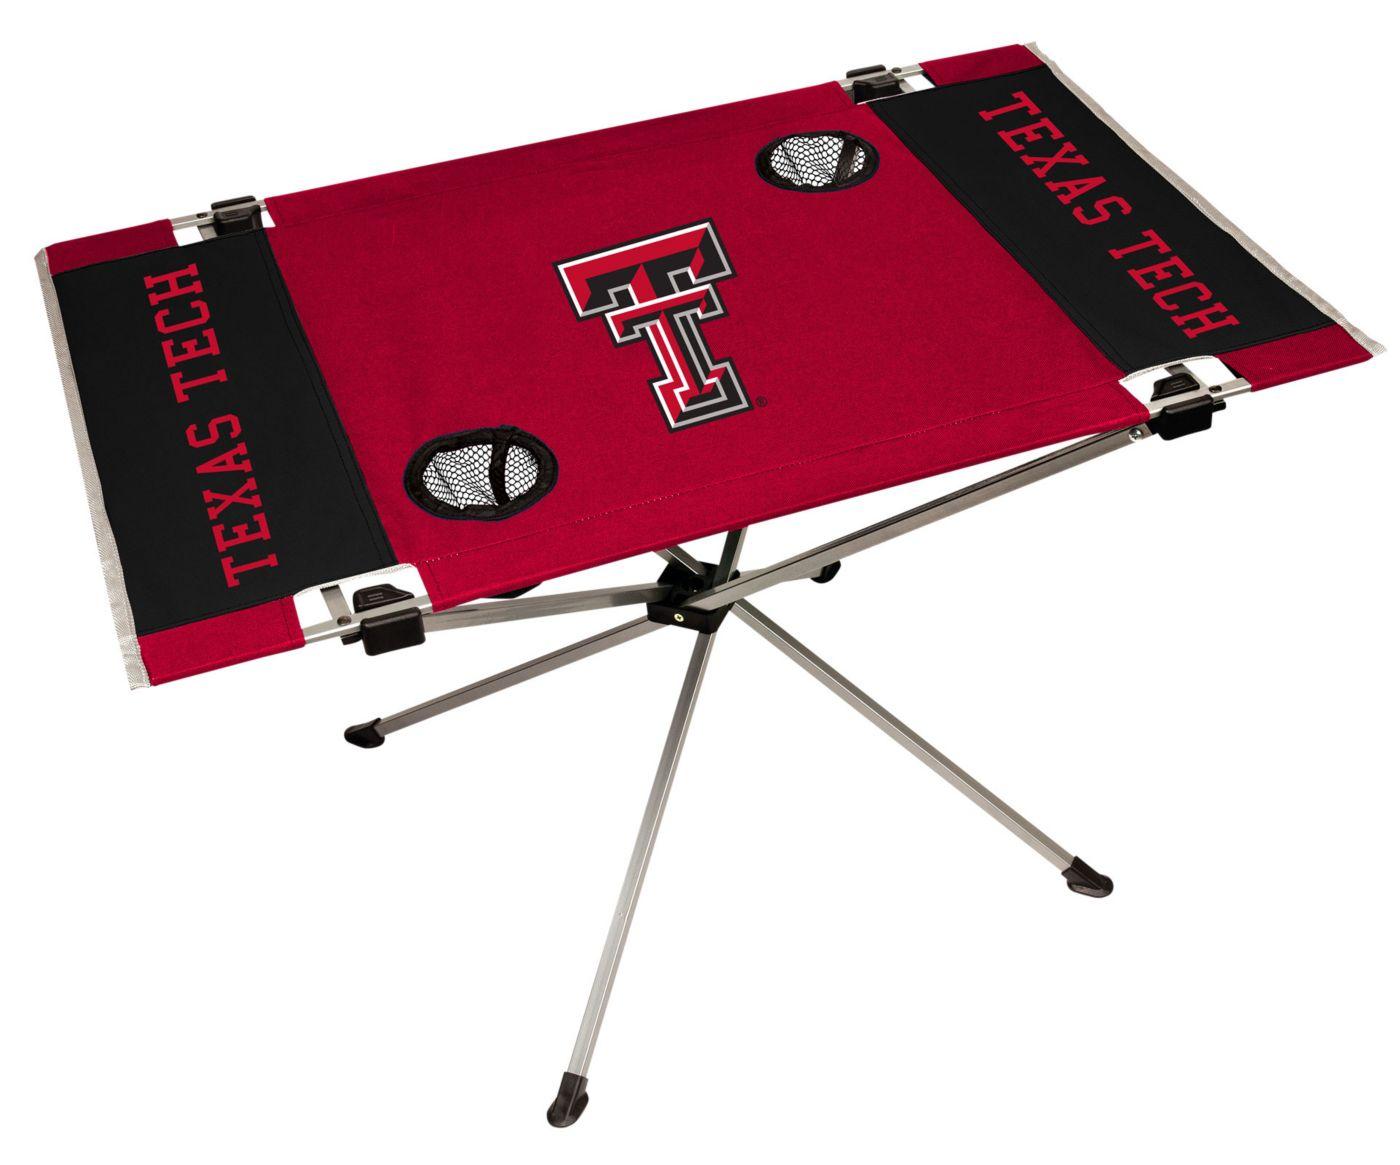 Rawlings Texas Tech Red Raiders Endzone Table